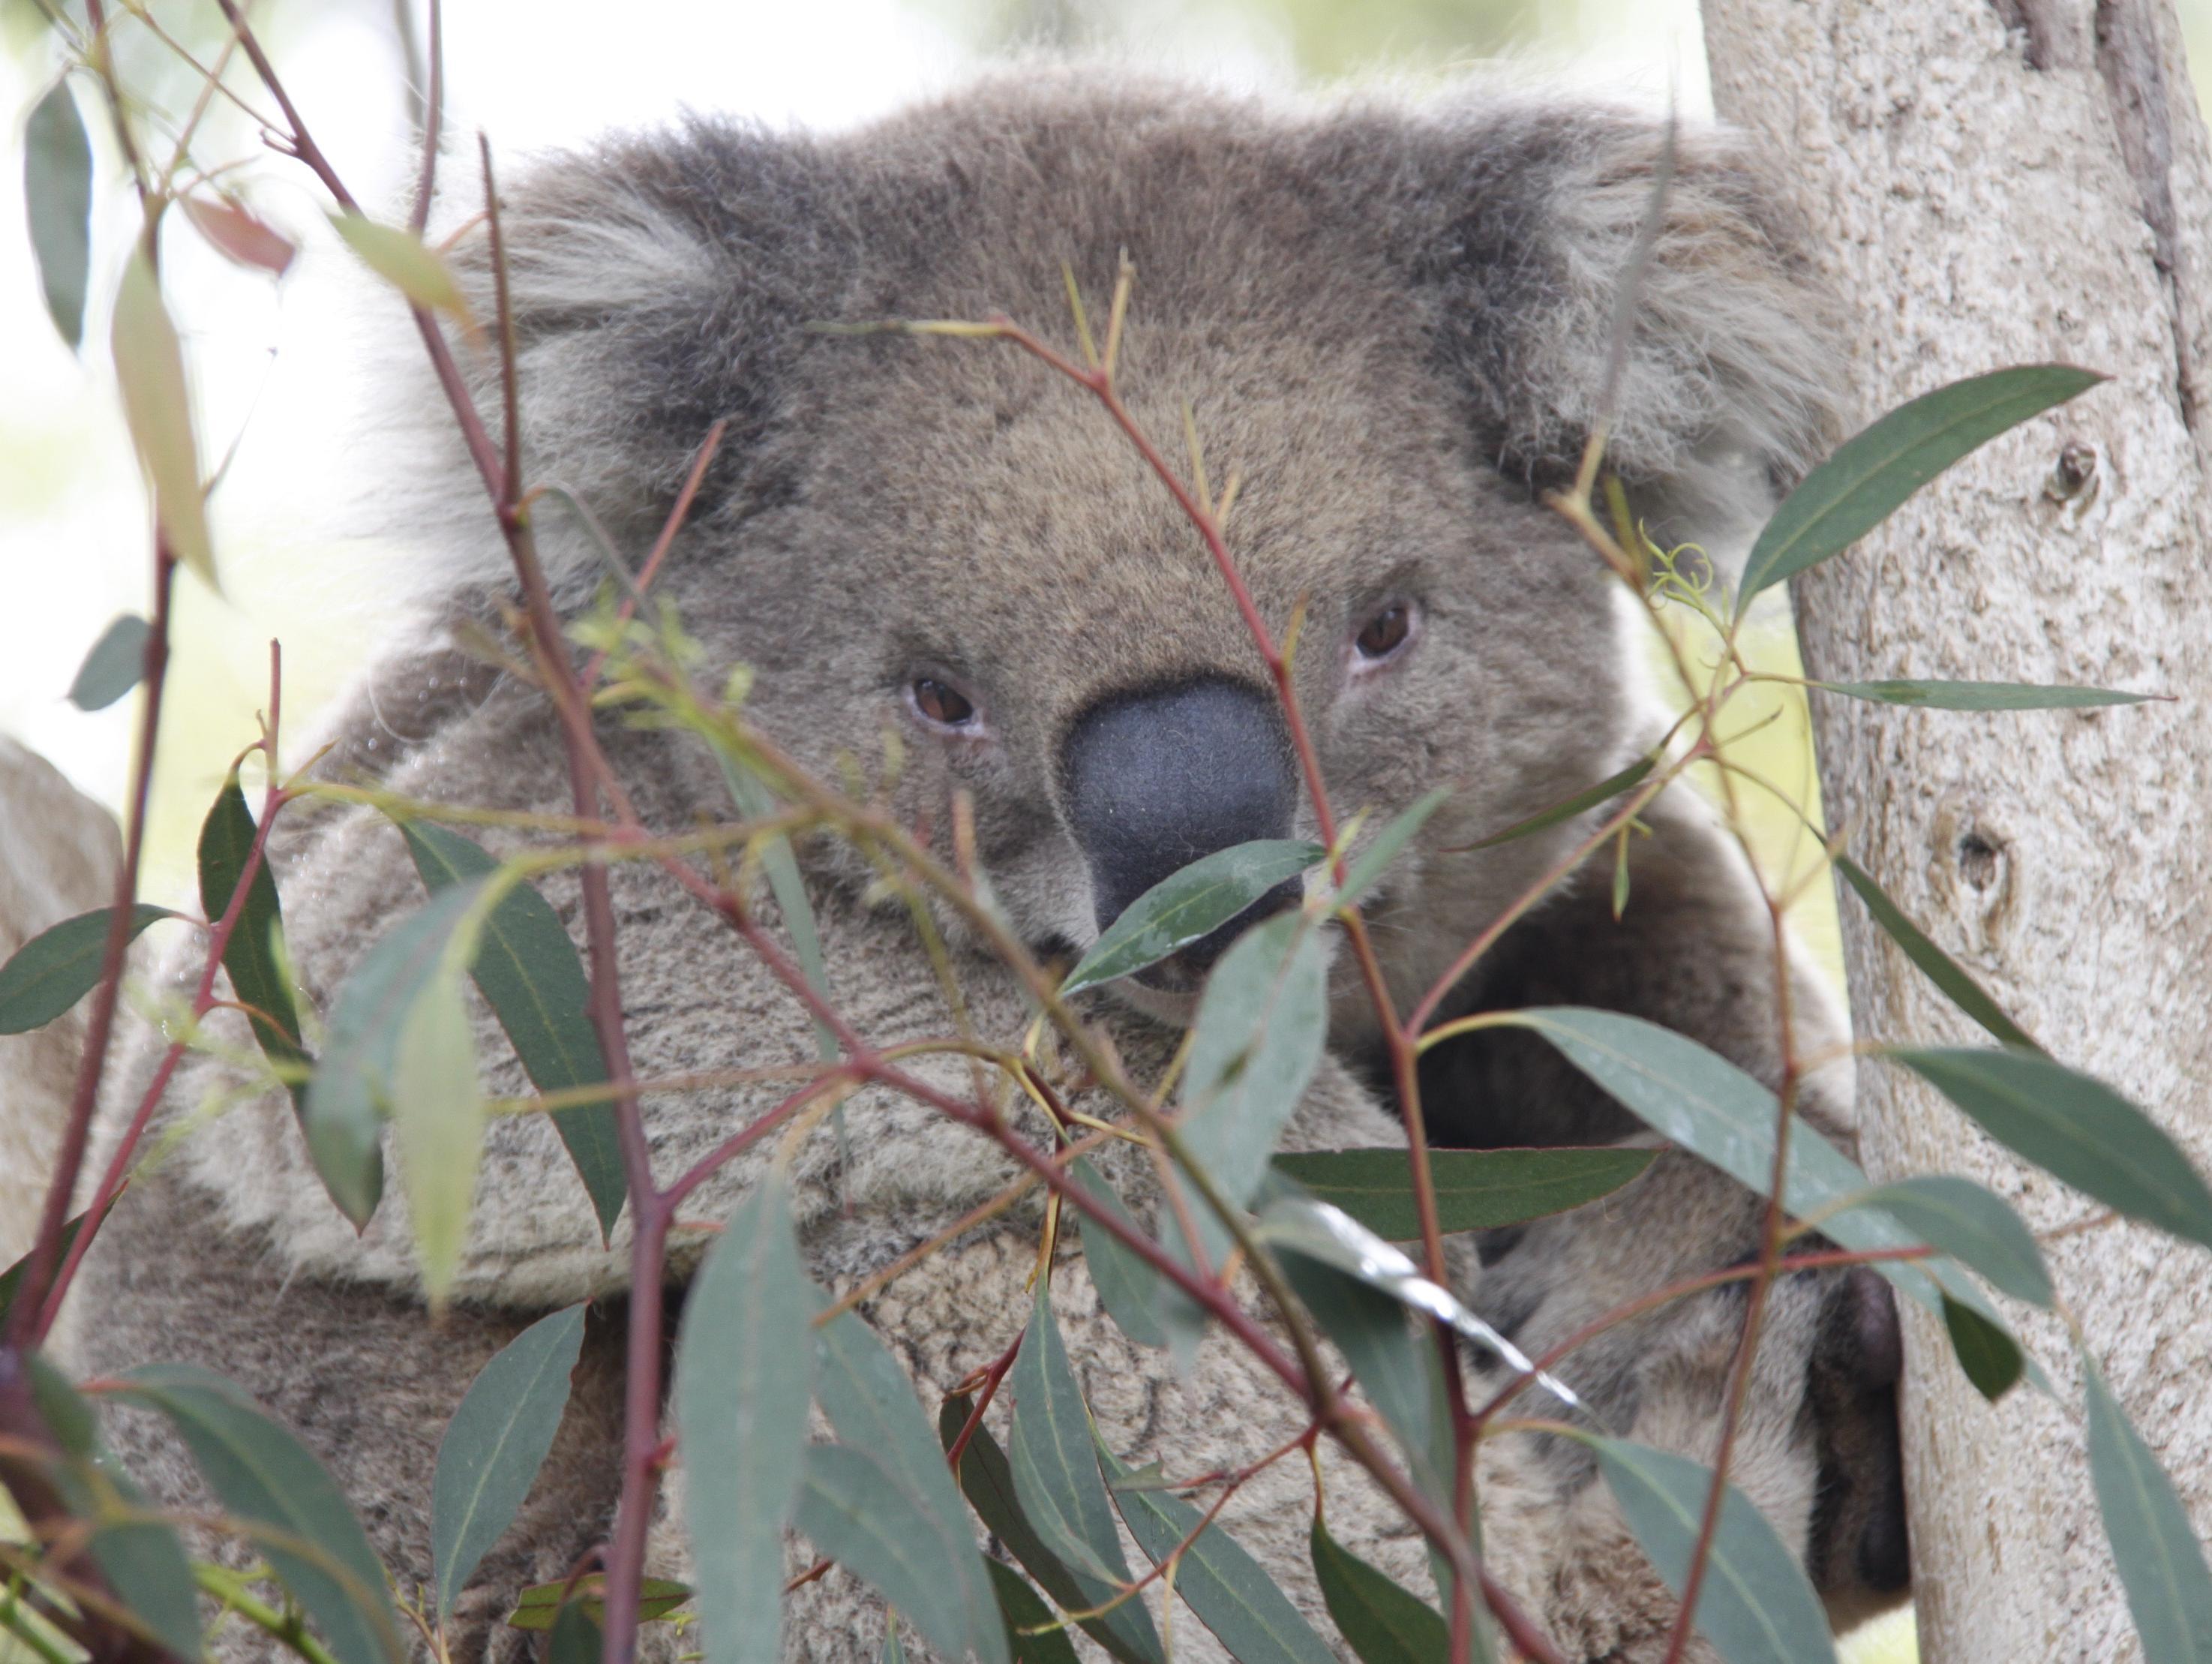 הקוואלה האחרון בישראל: מיילו מגן החיות האוסטרלי מת בגיל 14